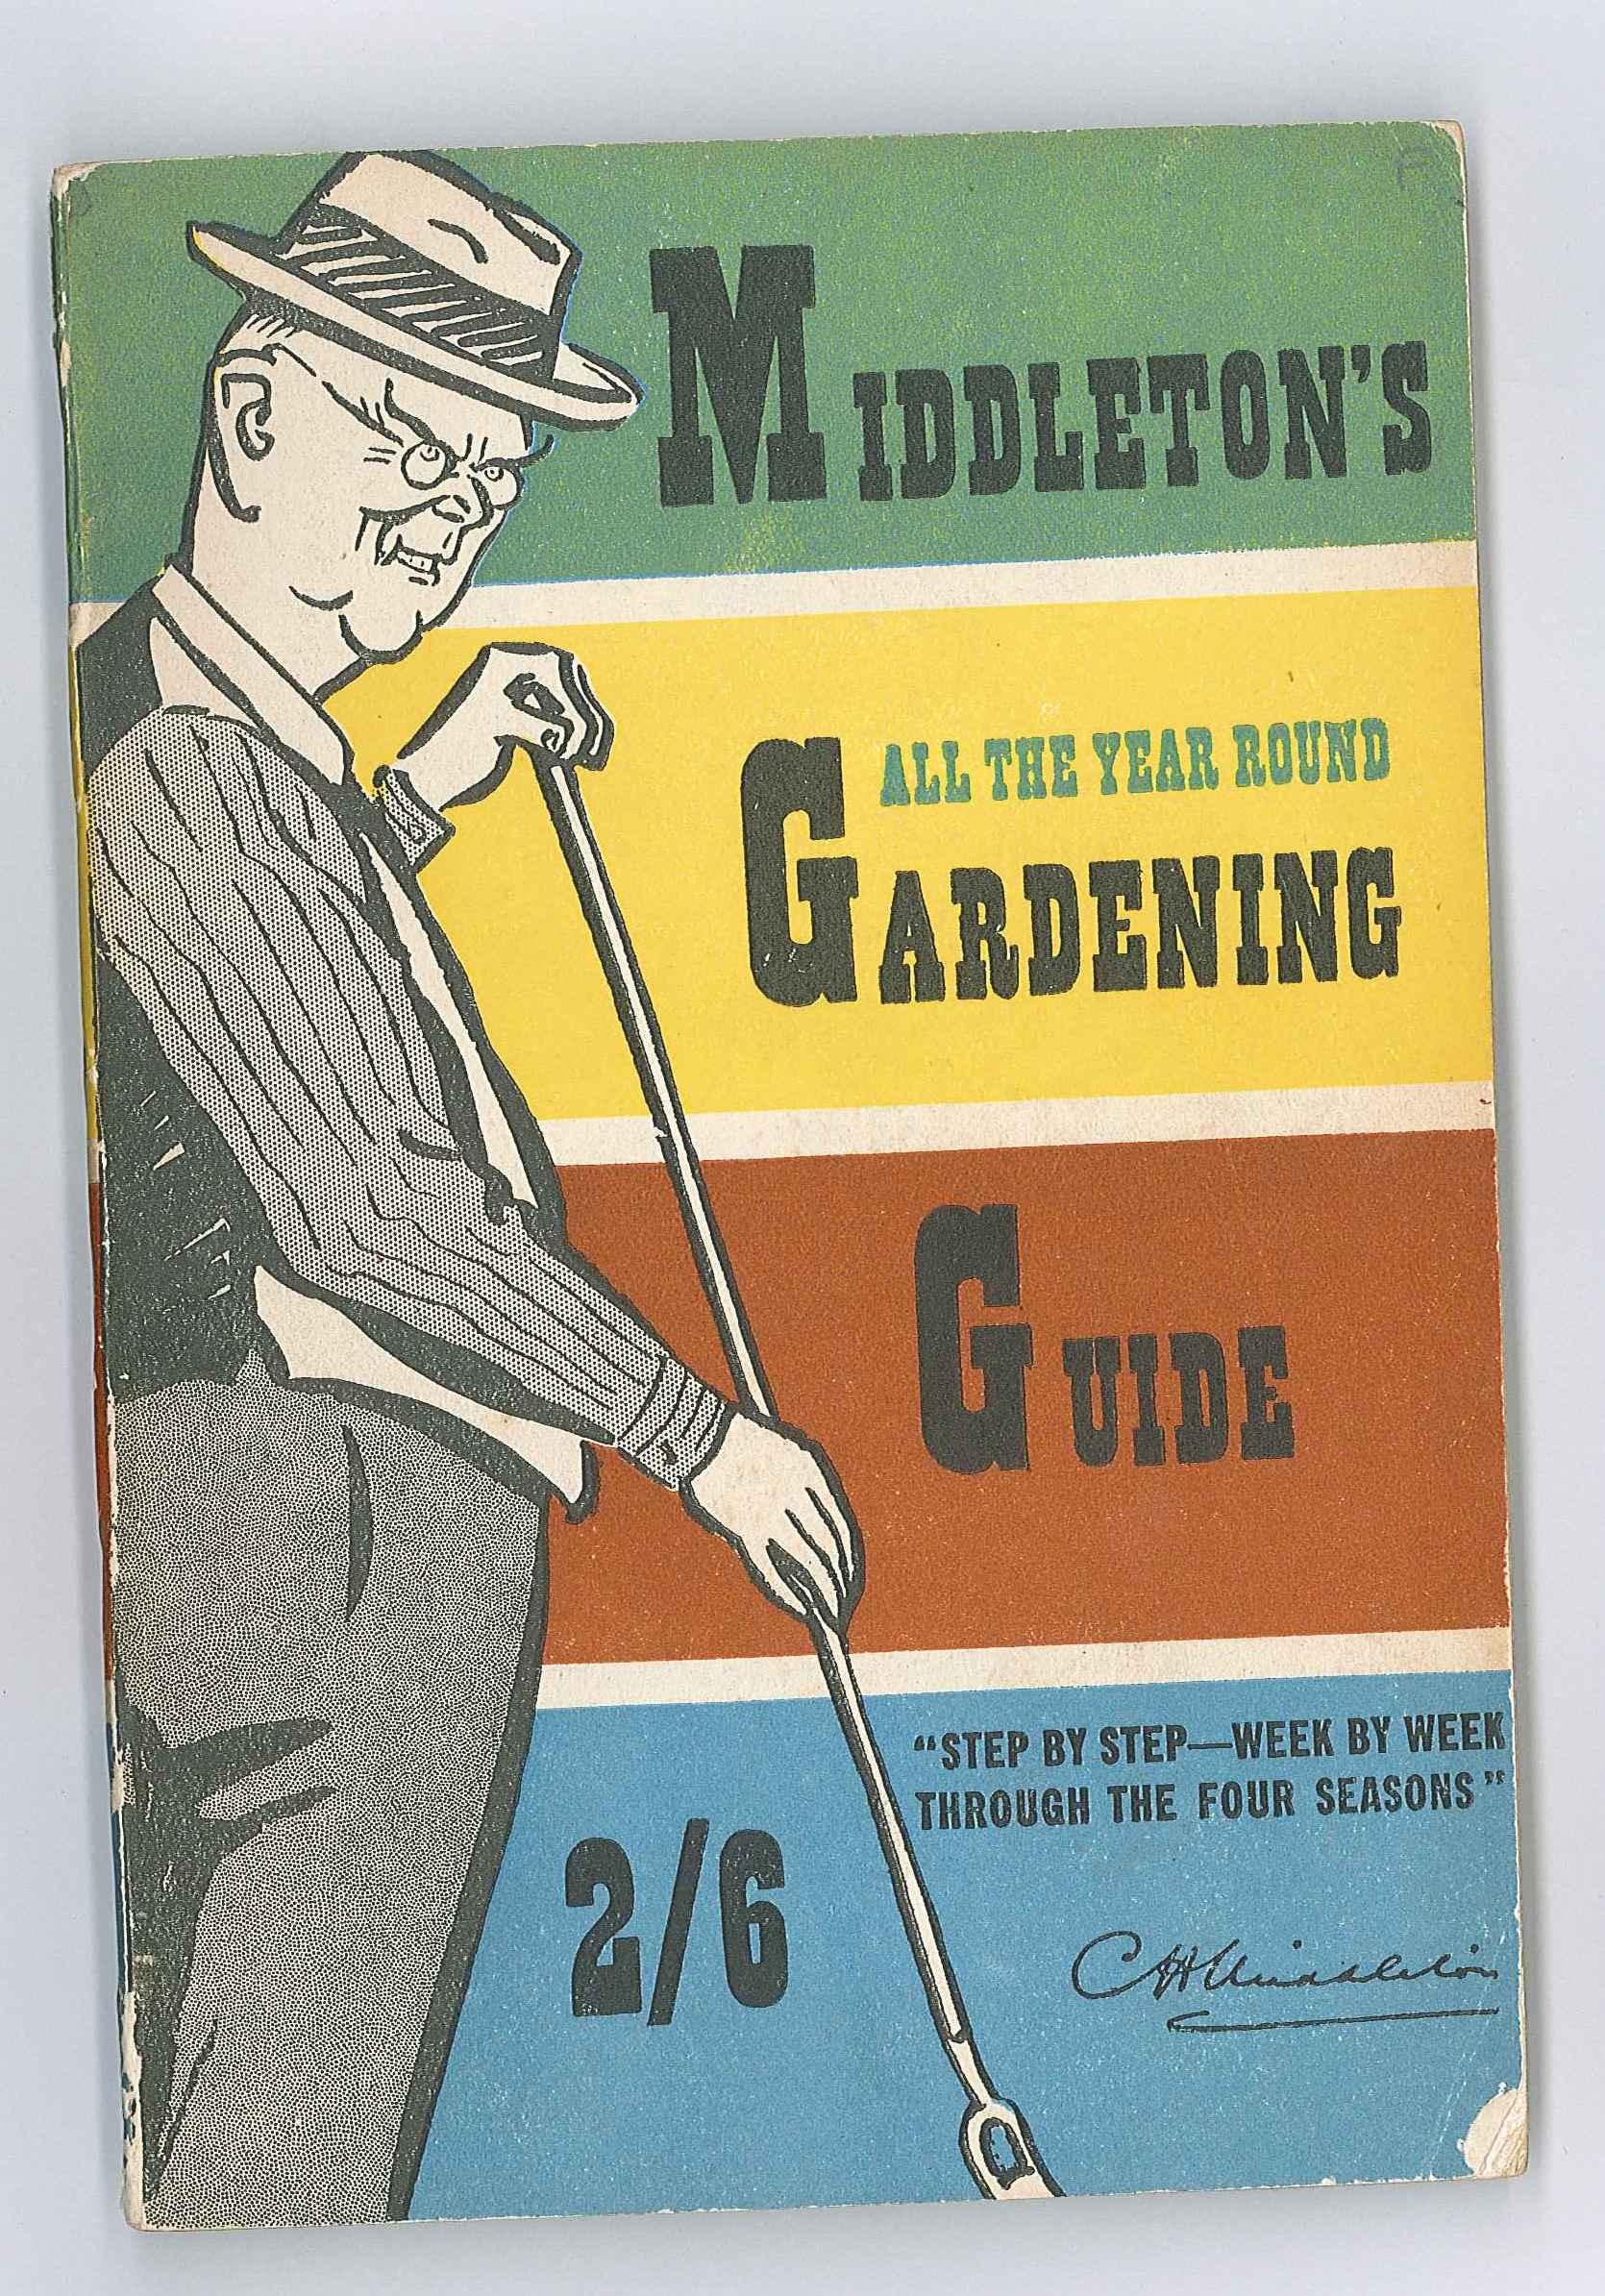 Wartime Kitchen And Garden Wartime Garden Worldwarzoogardener1939s Blog